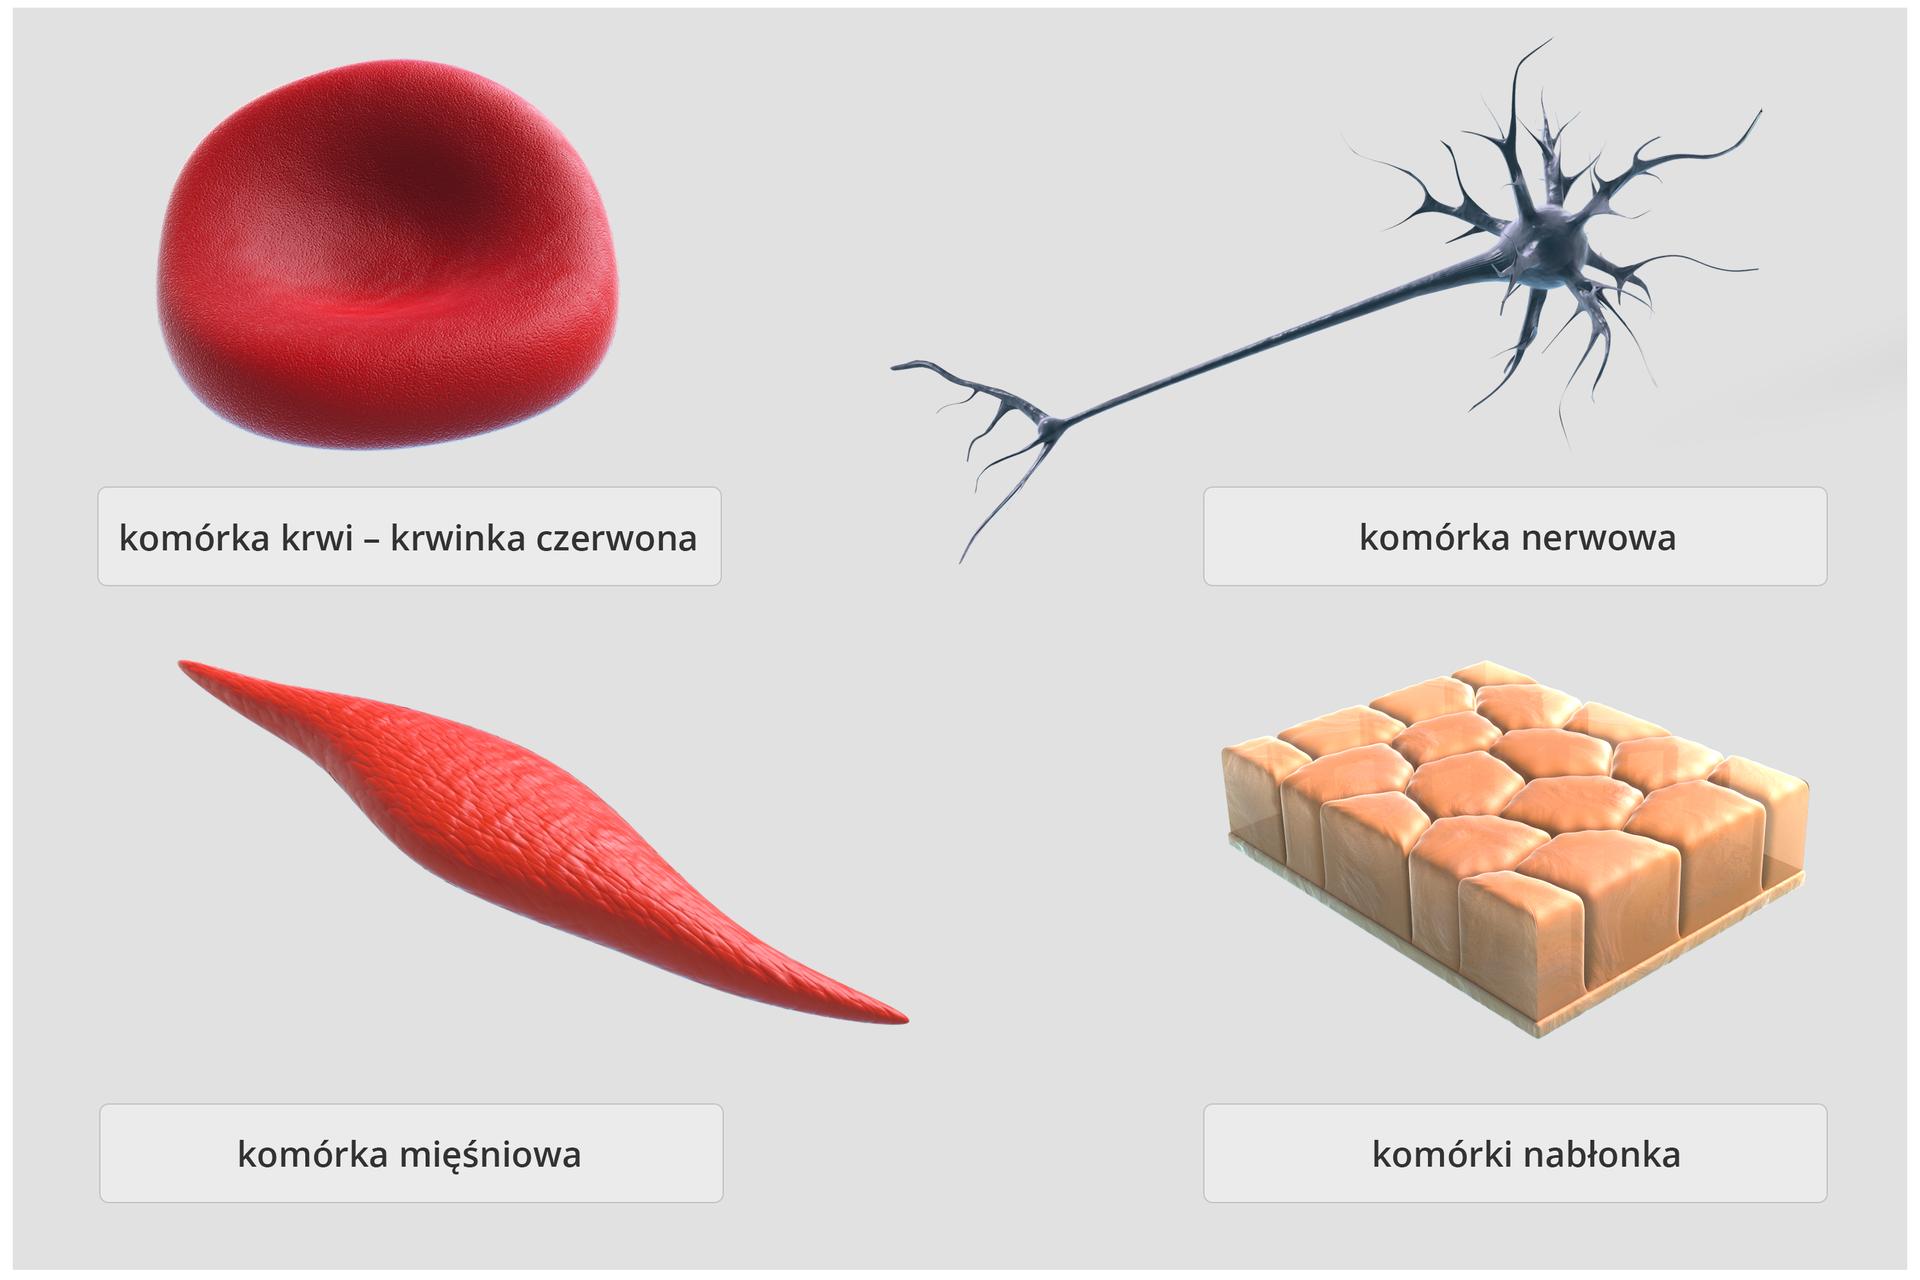 Różnorodność komórek – schemat przedstawia cztery przykładowe rodzaje komórek budujących organizmy zwierzęce. Wlewym, górnym rogu, komórka wkształcie wklęsłego dysku – krwinka czerwona, obok wydłużona komórka zwypustkami , to komórka nerwowa. Wlewym dolnym rogu, wydłużona komórka zzaostrzonymi końcami – komórka mięśniowa. Obok, kilka przylegających do siebie komórek wkształcie niskich sześcianów, to komórki nabłonka.